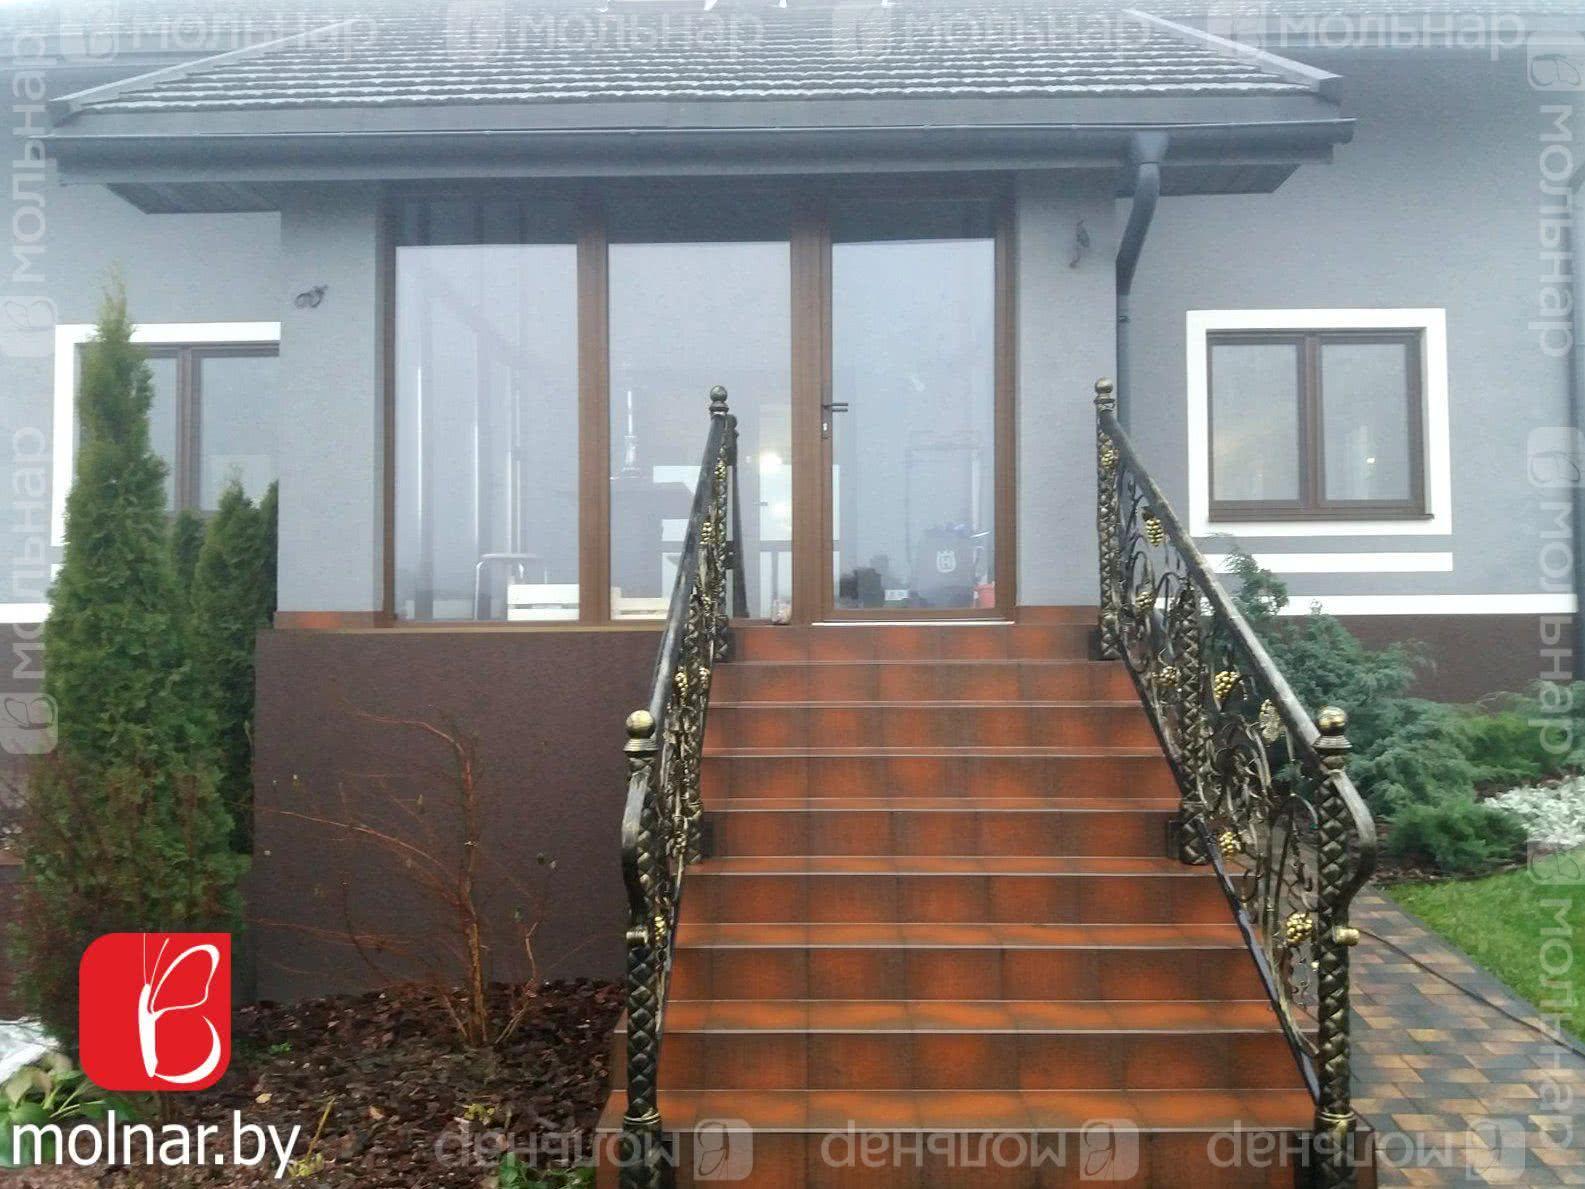 Продать 2-этажный дом в Слободе, Минская область, - фото 3